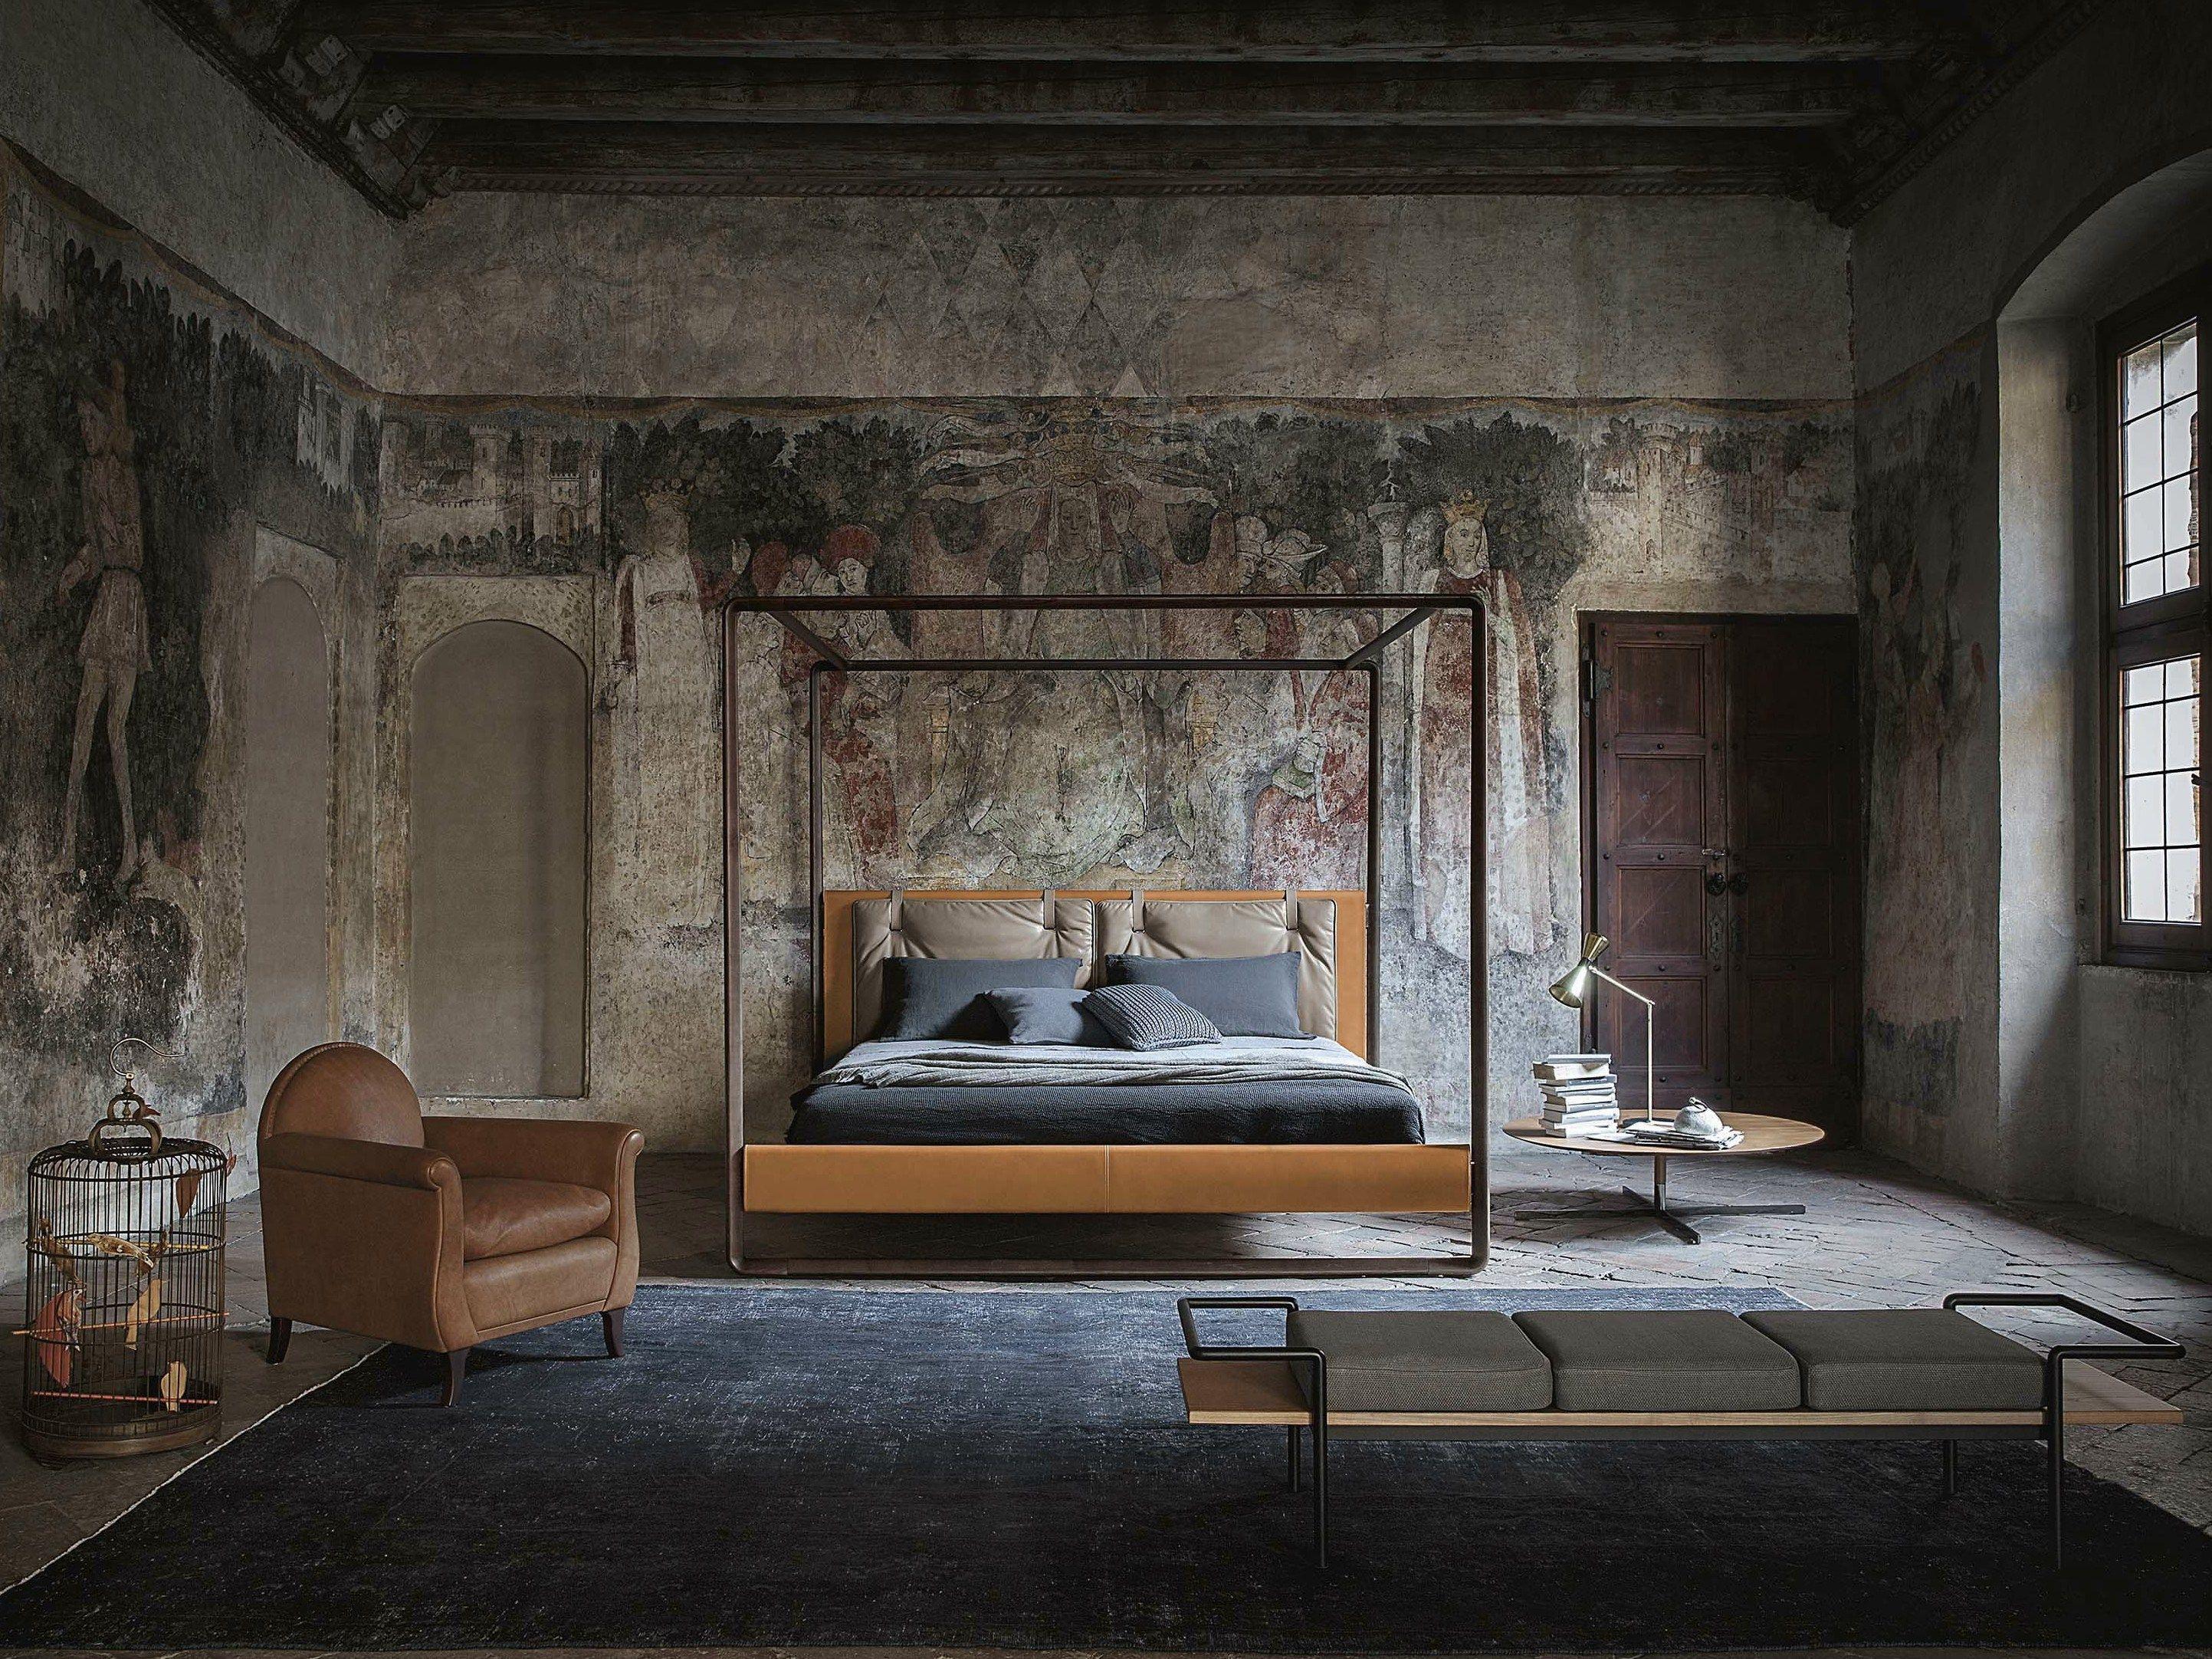 Designer himmelbett  Himmelbett VOLARE By Poltrona Frau Design Roberto Lazzeroni